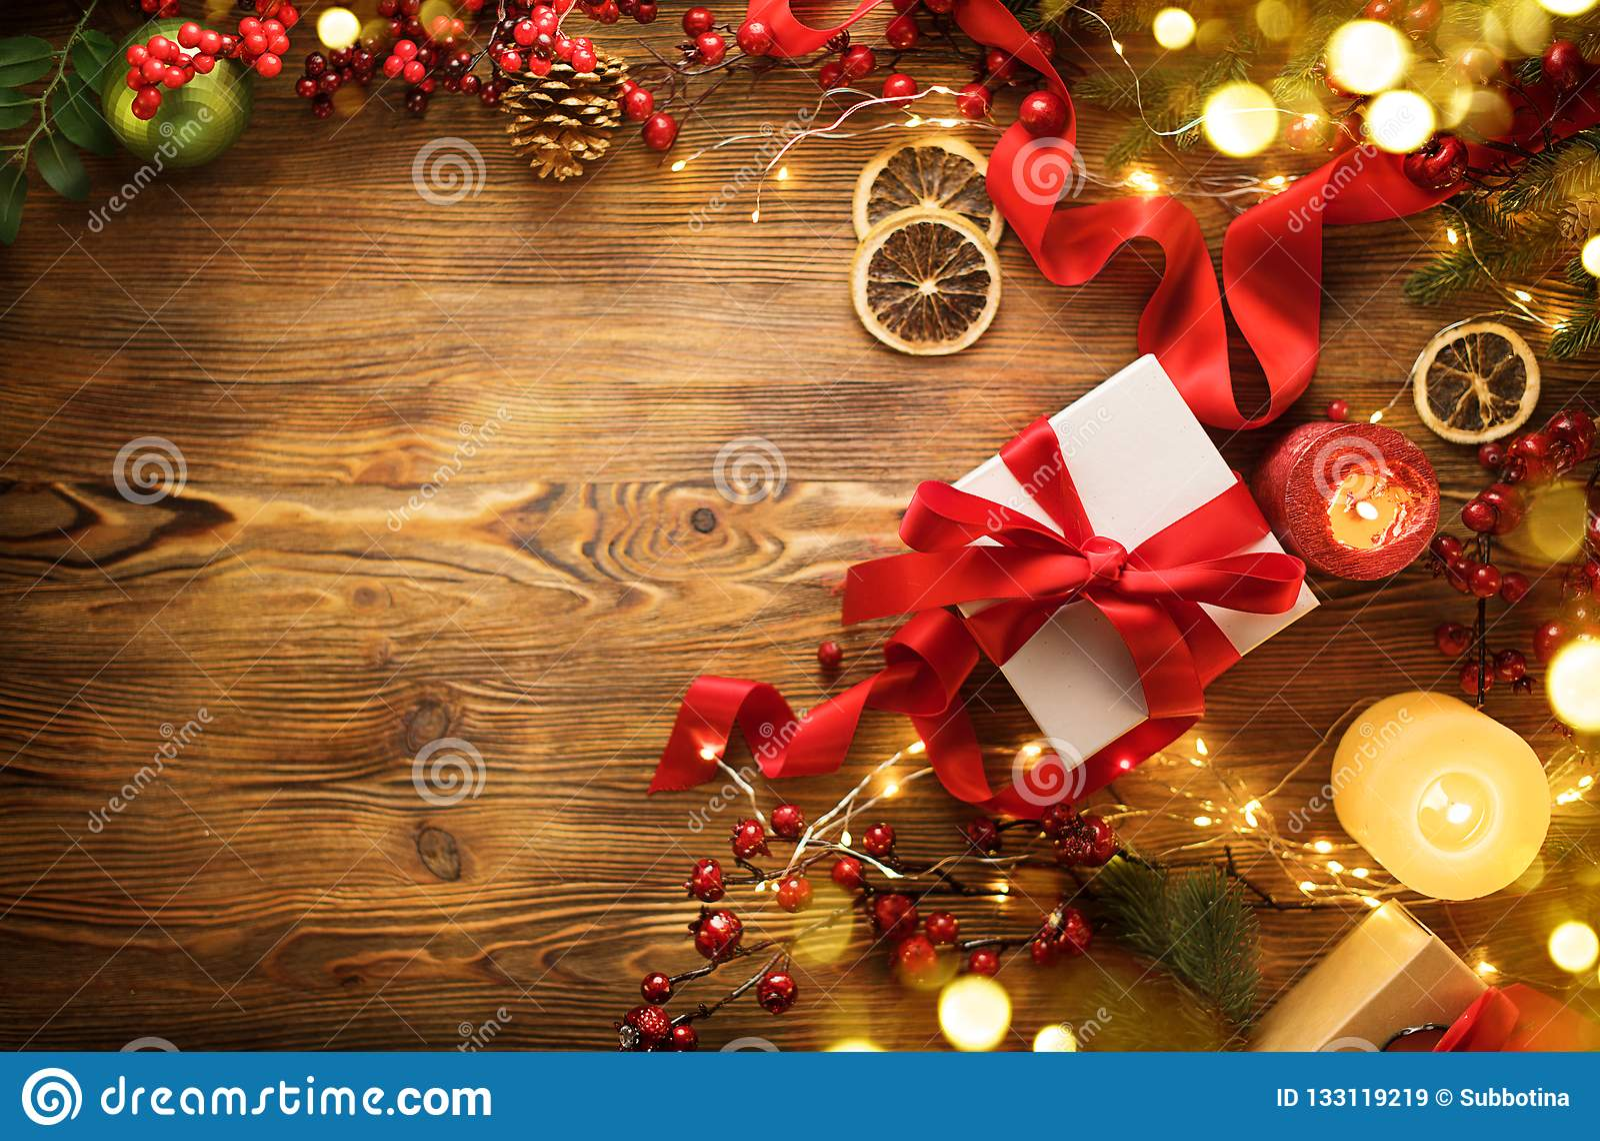 De doos van de Kerstmisgift met rode satijnlint en boog, mooie Kerstmis en Nieuwjaarachtergrond met verpakte giftdoos